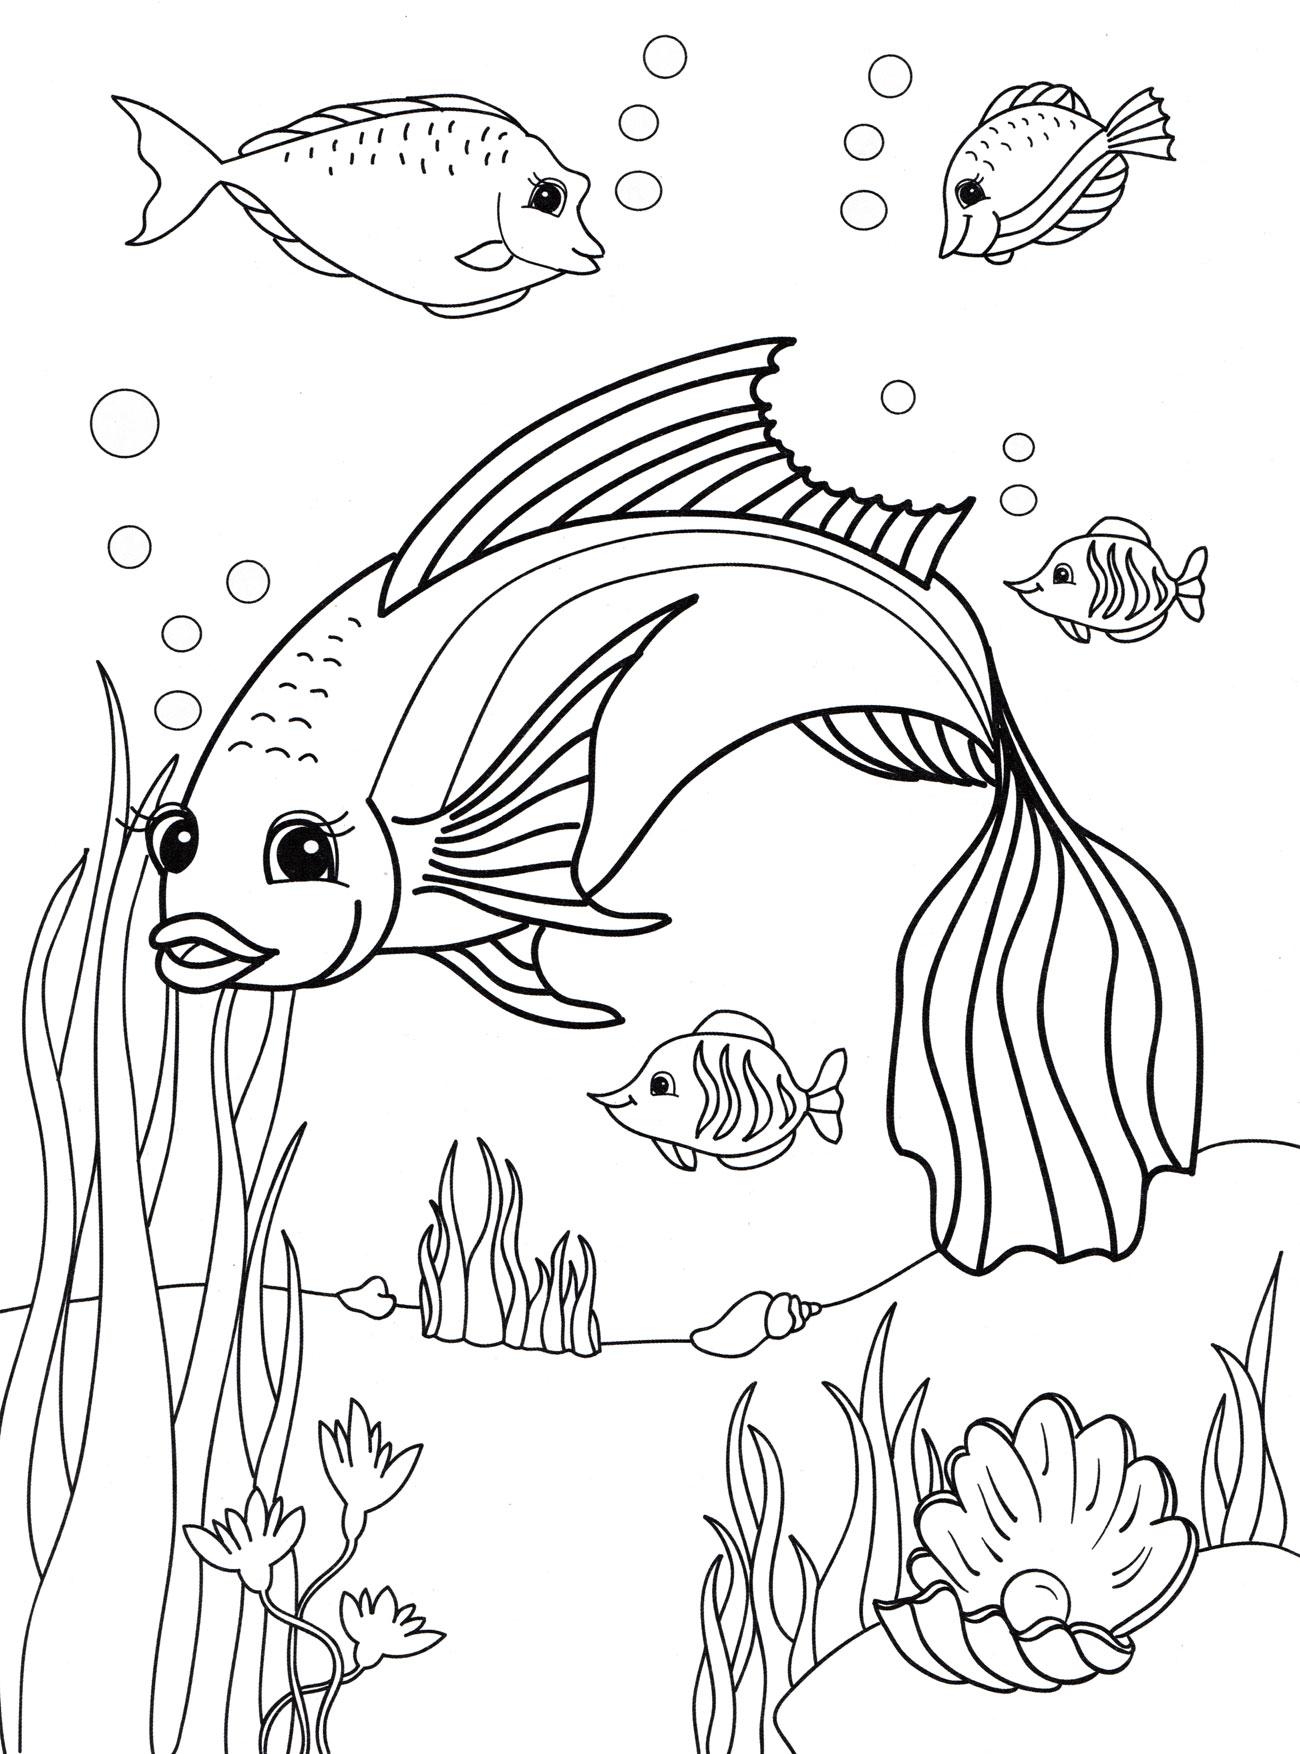 Раскраска Рыбка и ее друзья - распечатать бесплатно